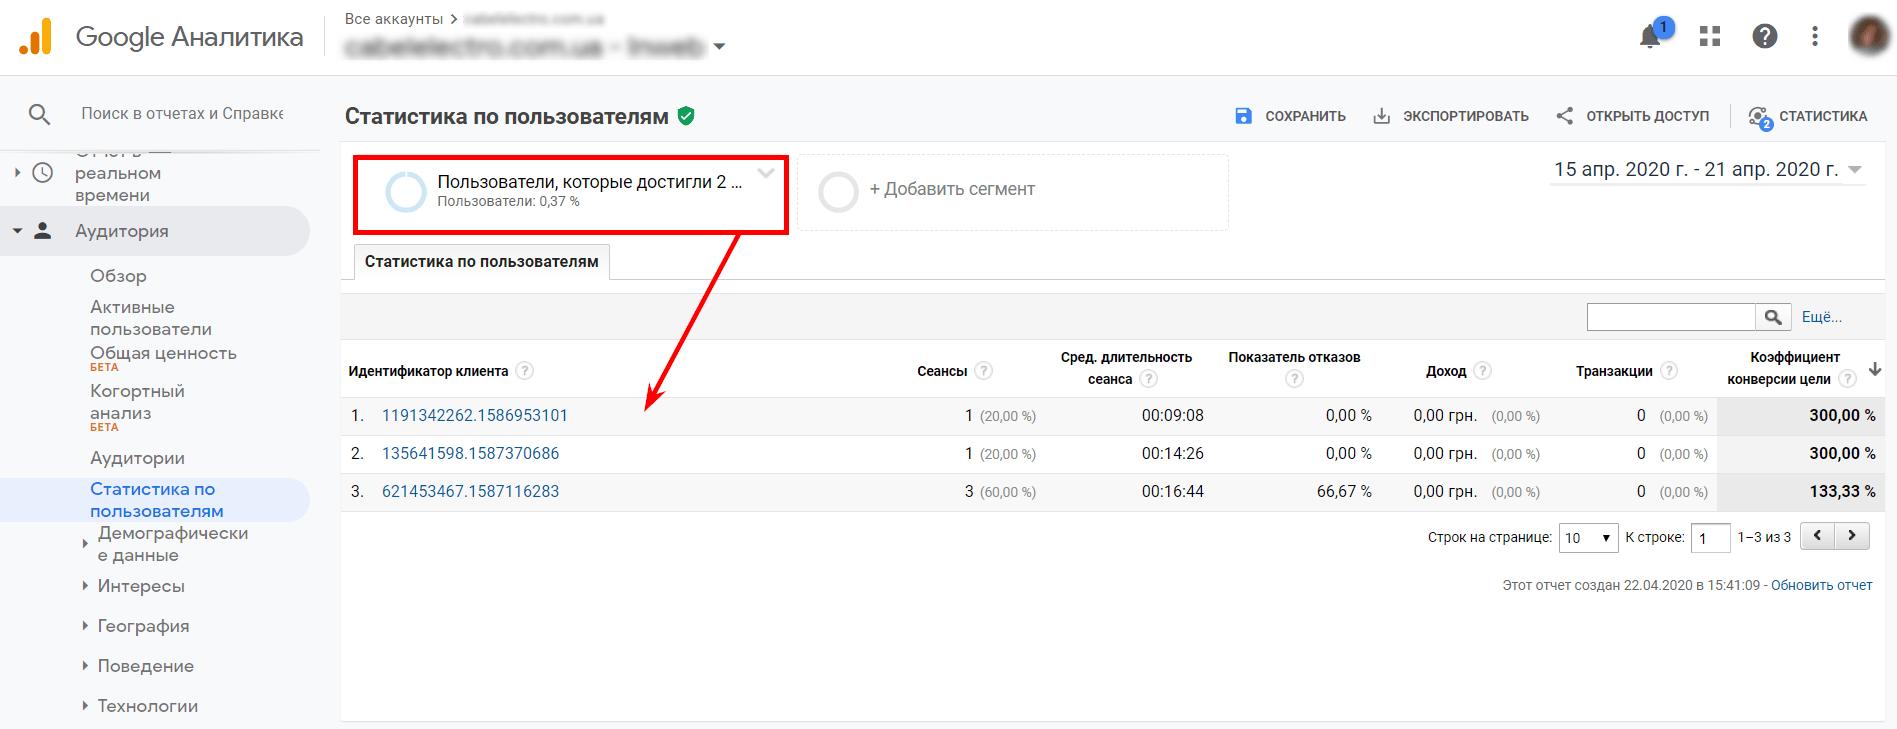 Количество пользователей